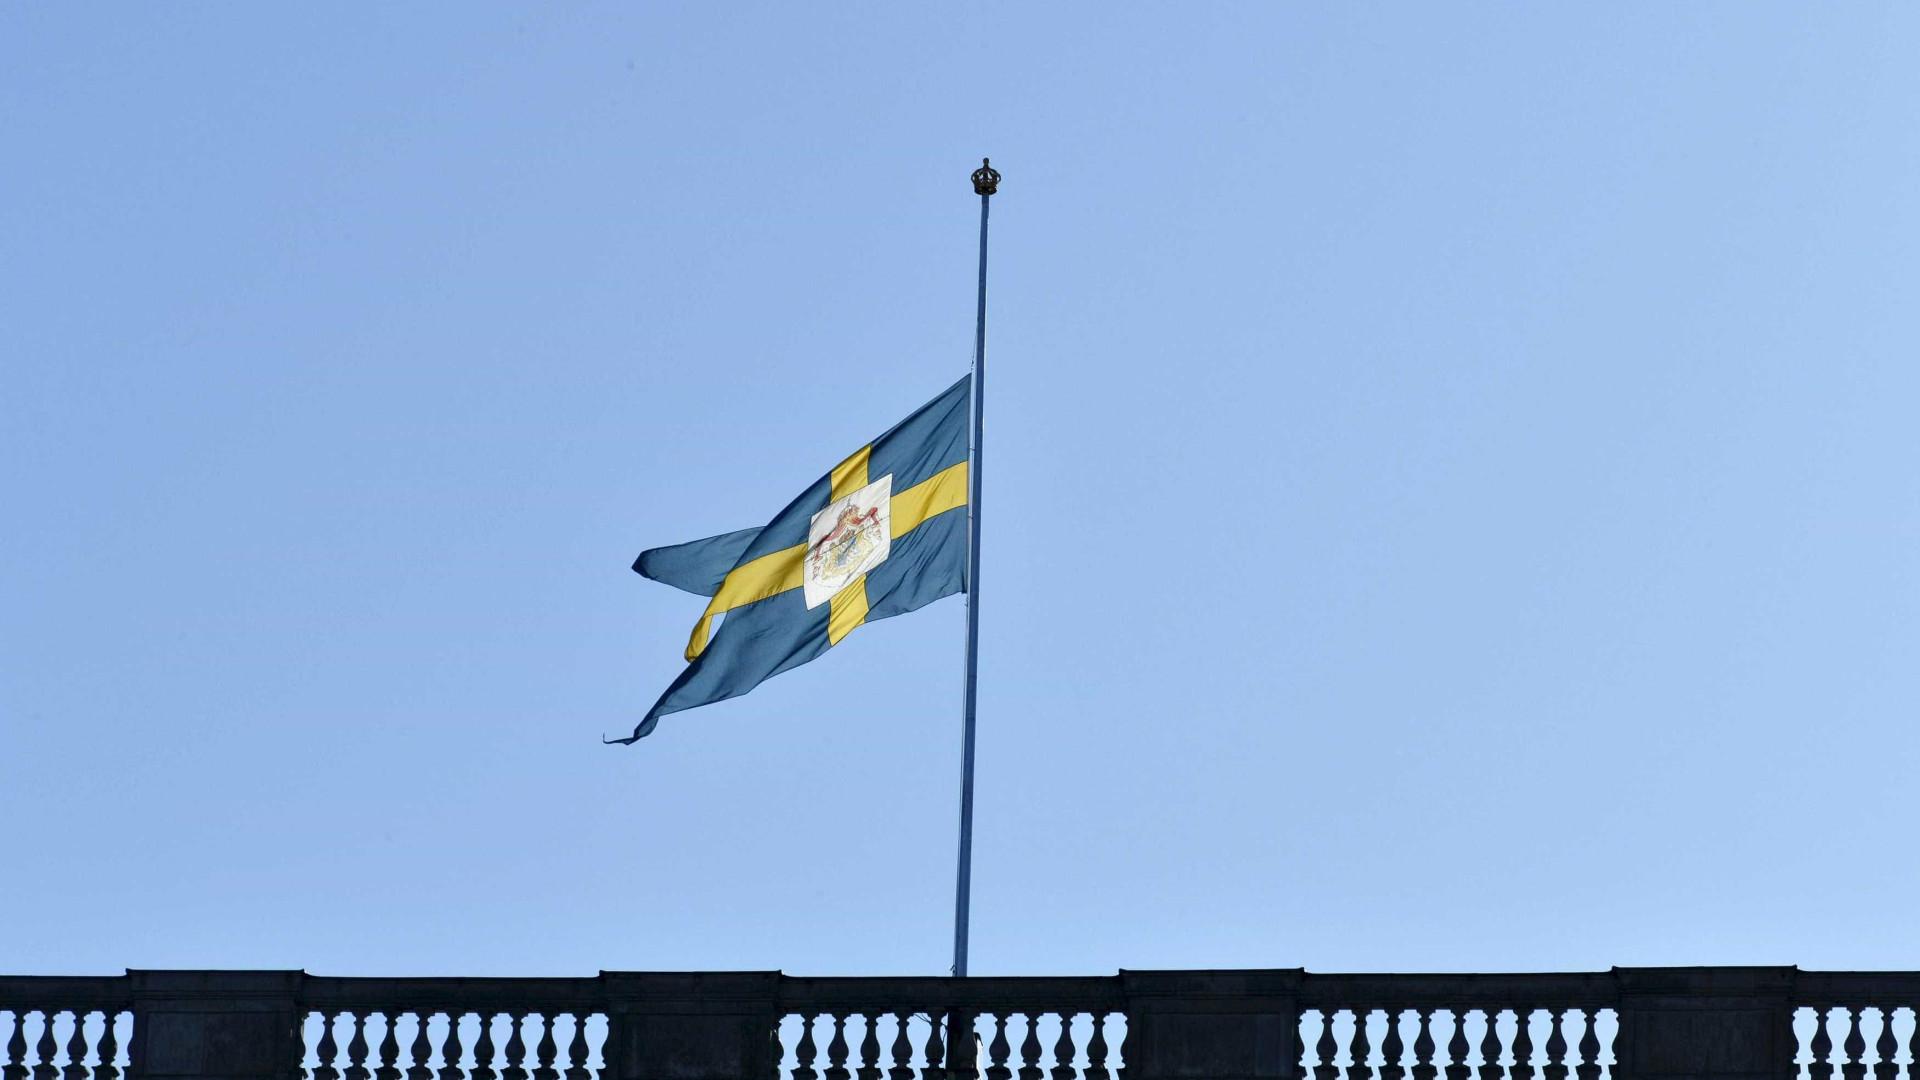 Suécia prolonga controlos de fronteiras devido à ameaça terrorista